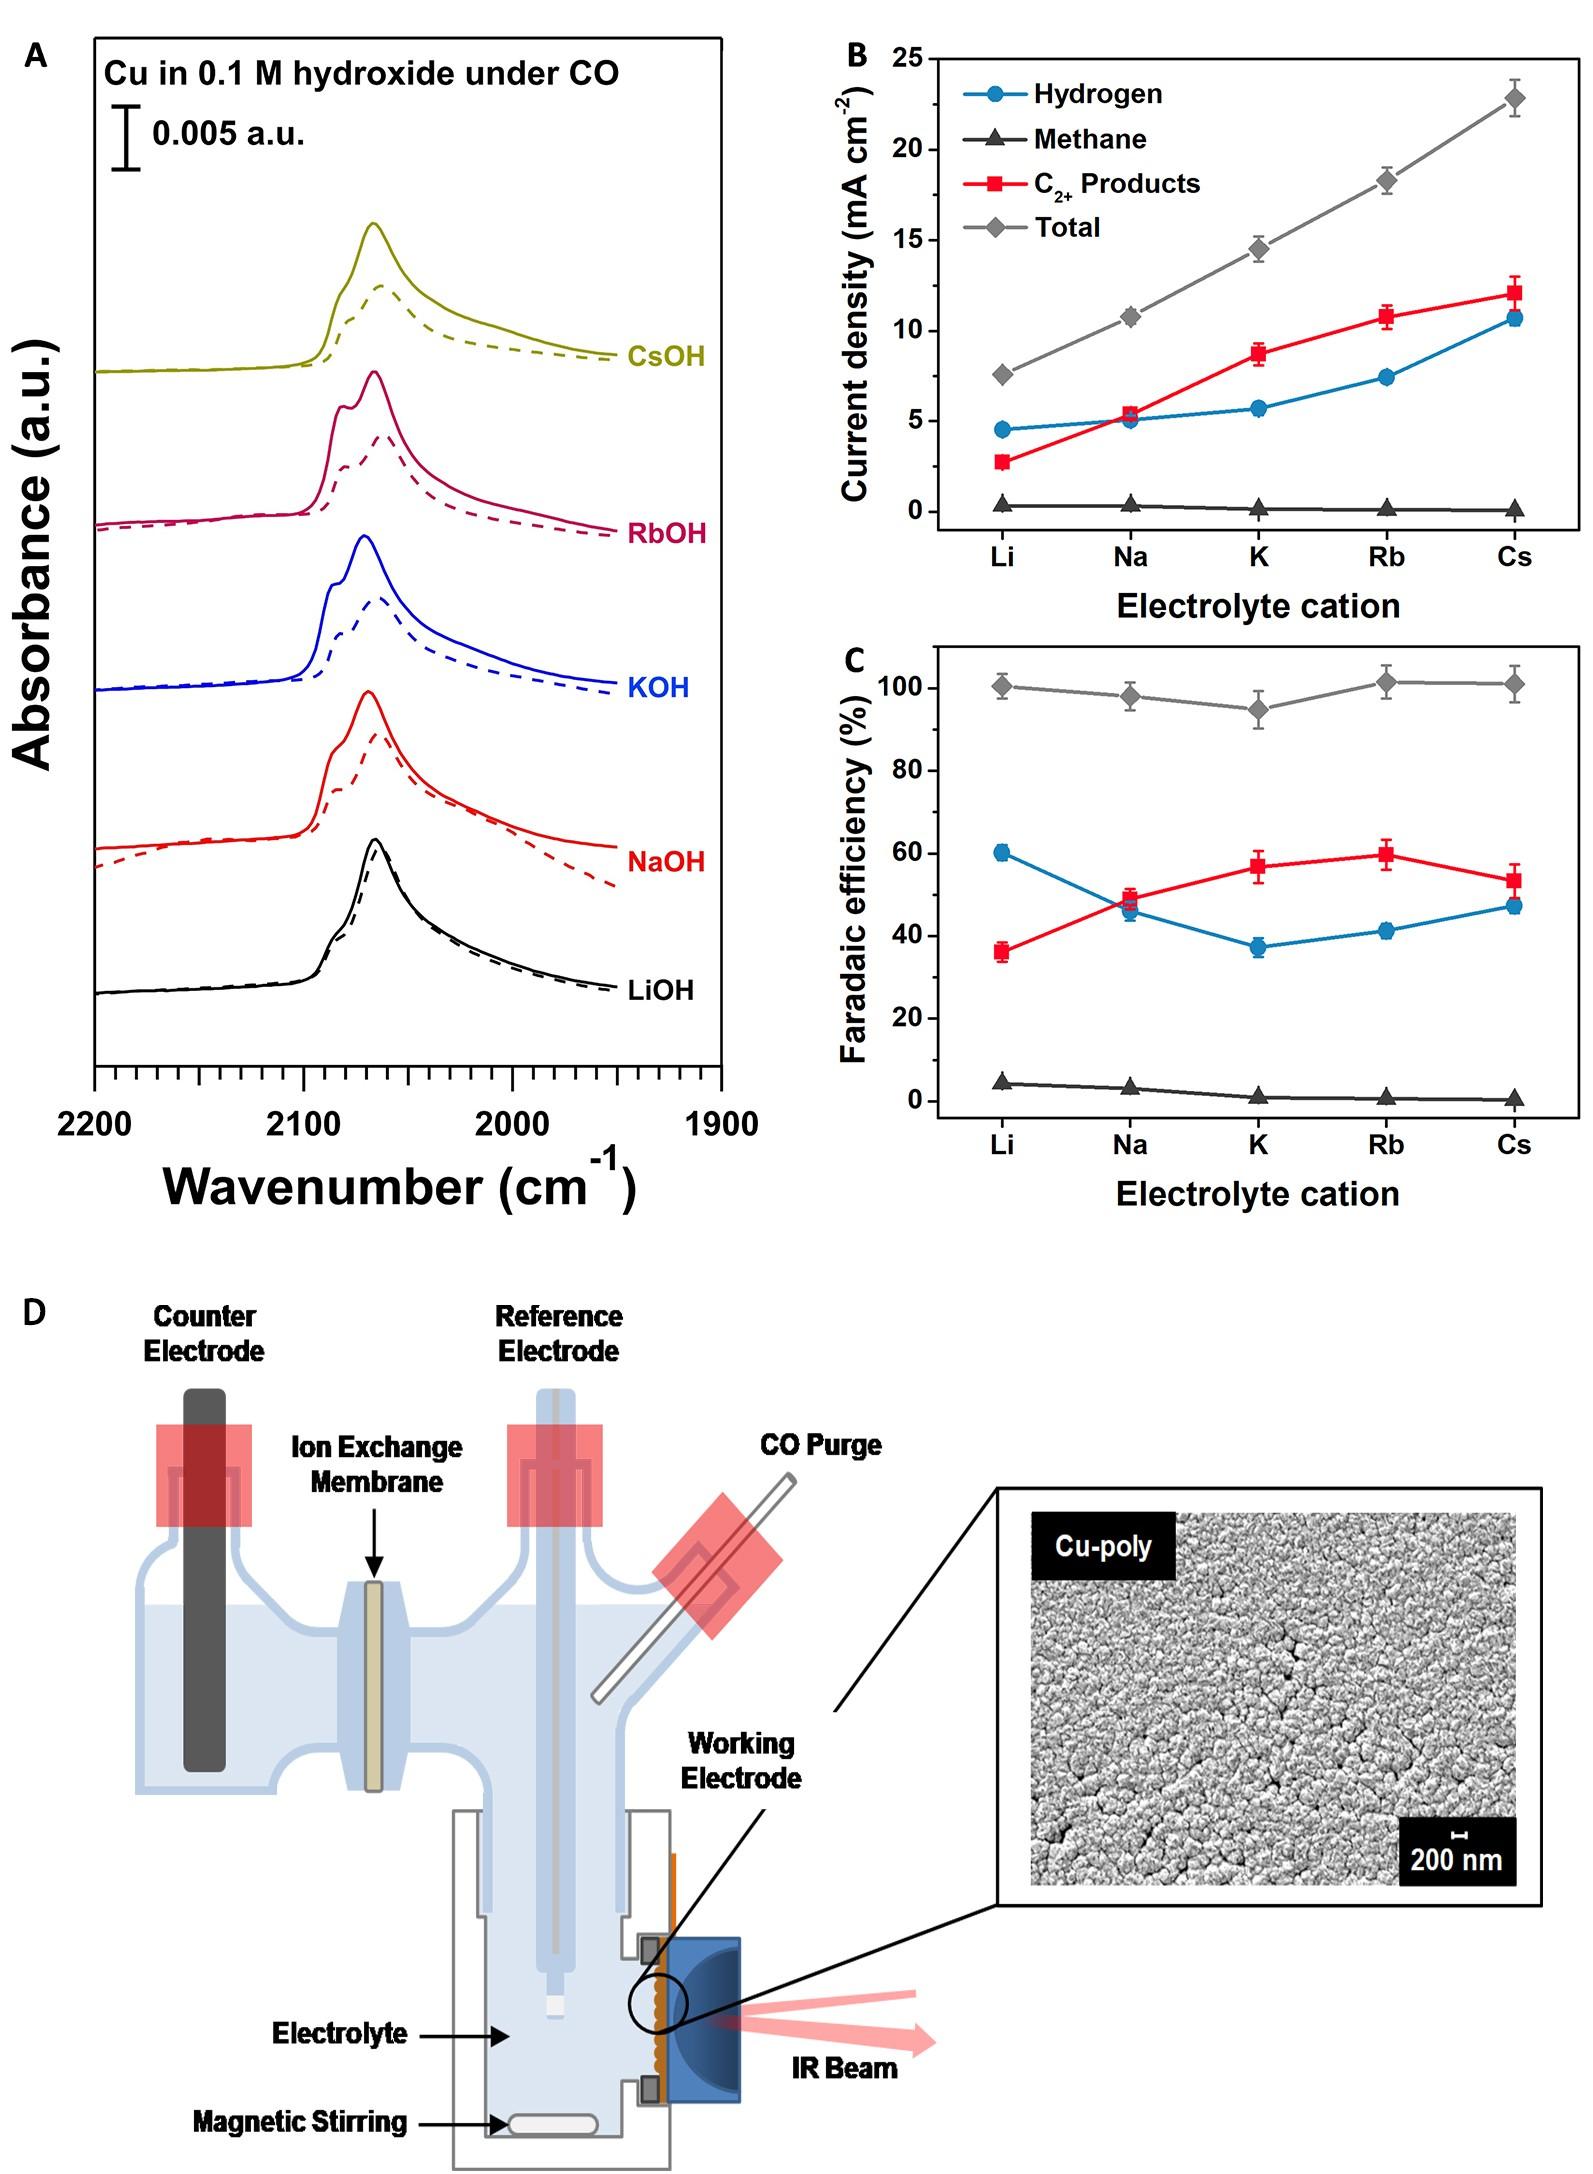 清华团队利用原位表面增强红外光谱技术揭示阳离子效应对一氧化碳电化学转化的影响